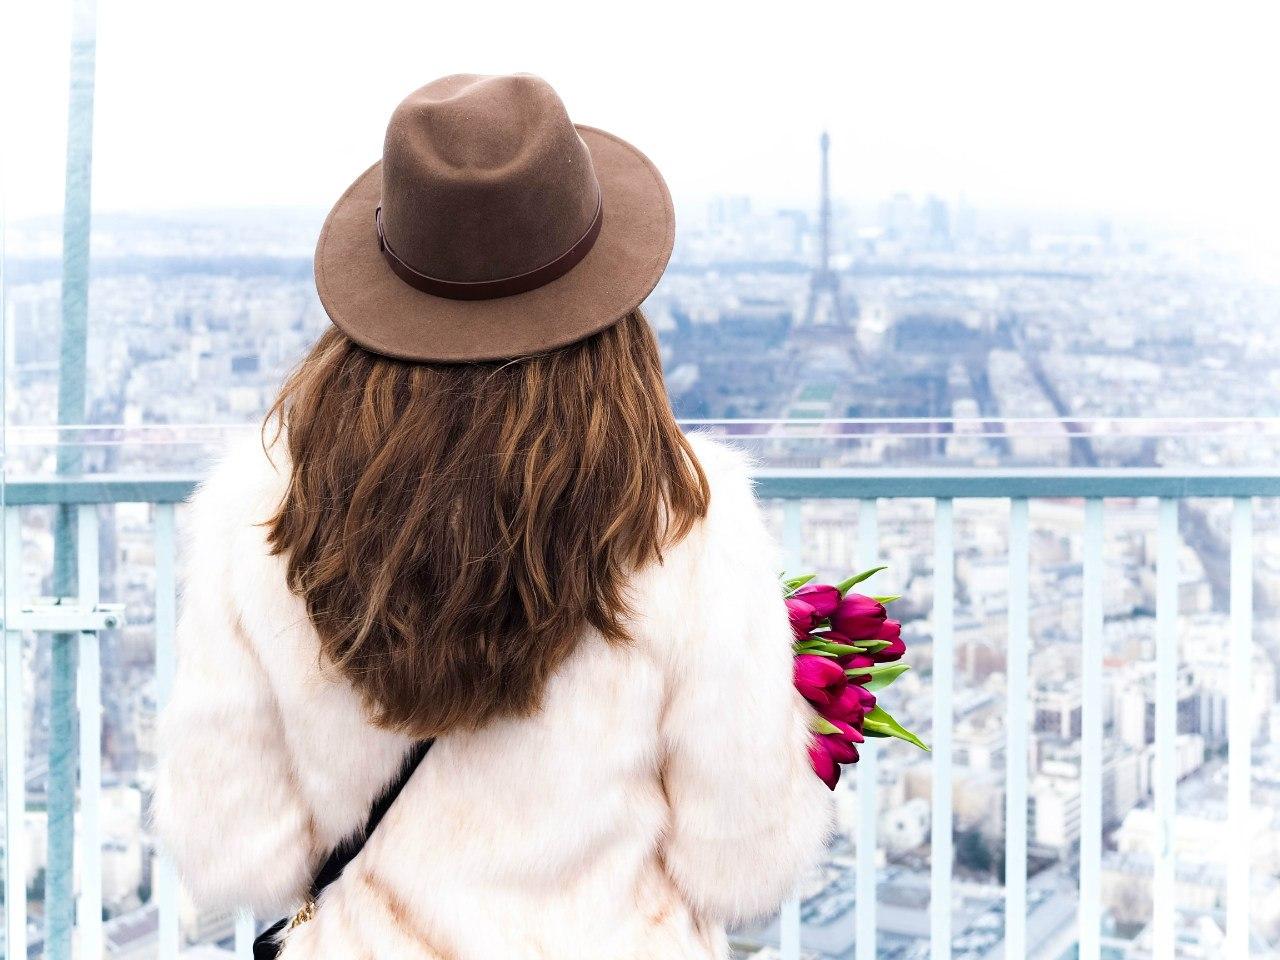 фото девушек в париже